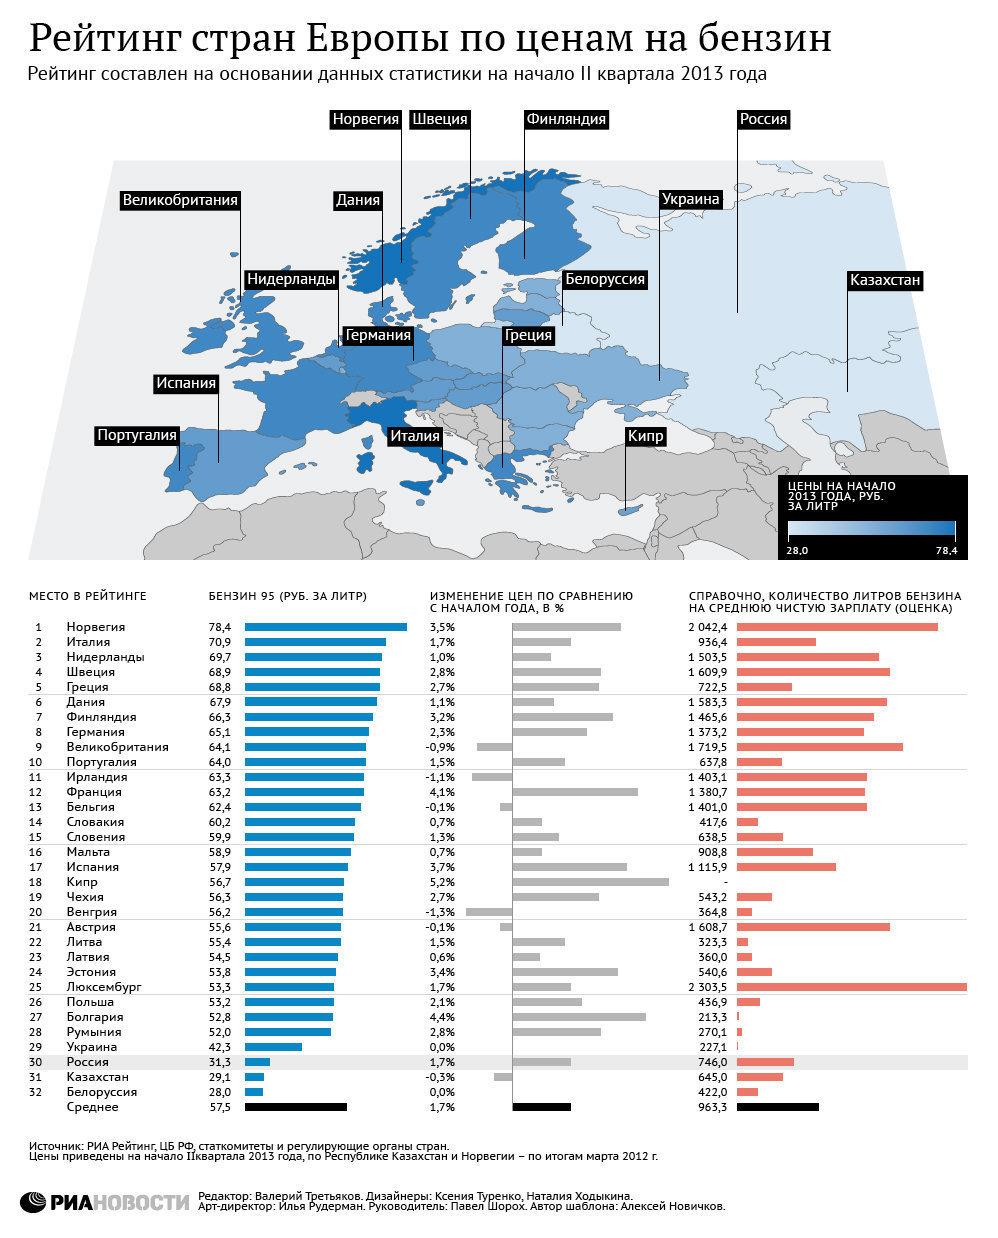 Стоимость бензина в различных странах на начало II квартала 2013 года